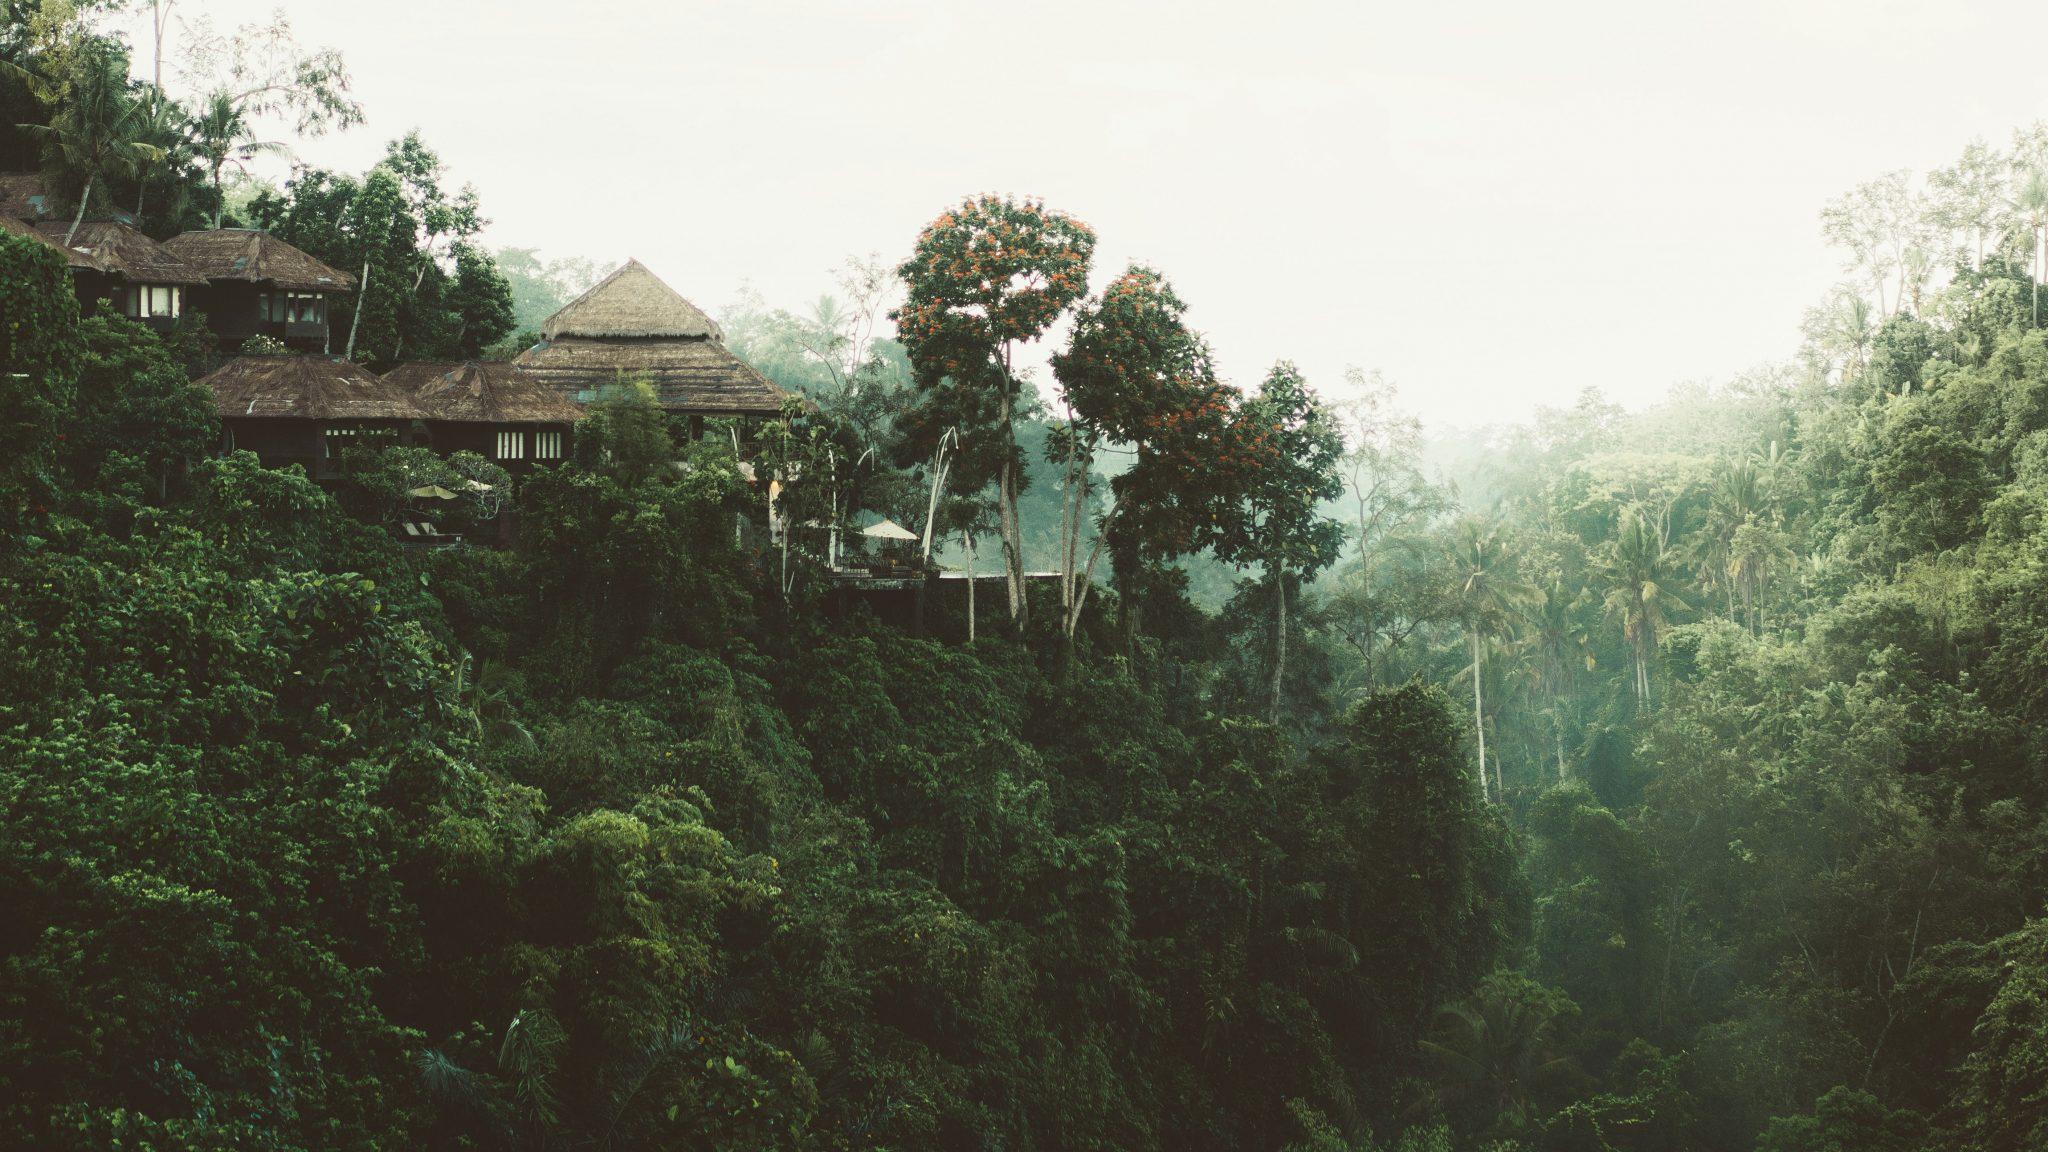 maisema sri lankassa ja talo metsän keskellä / kuva joshua newton